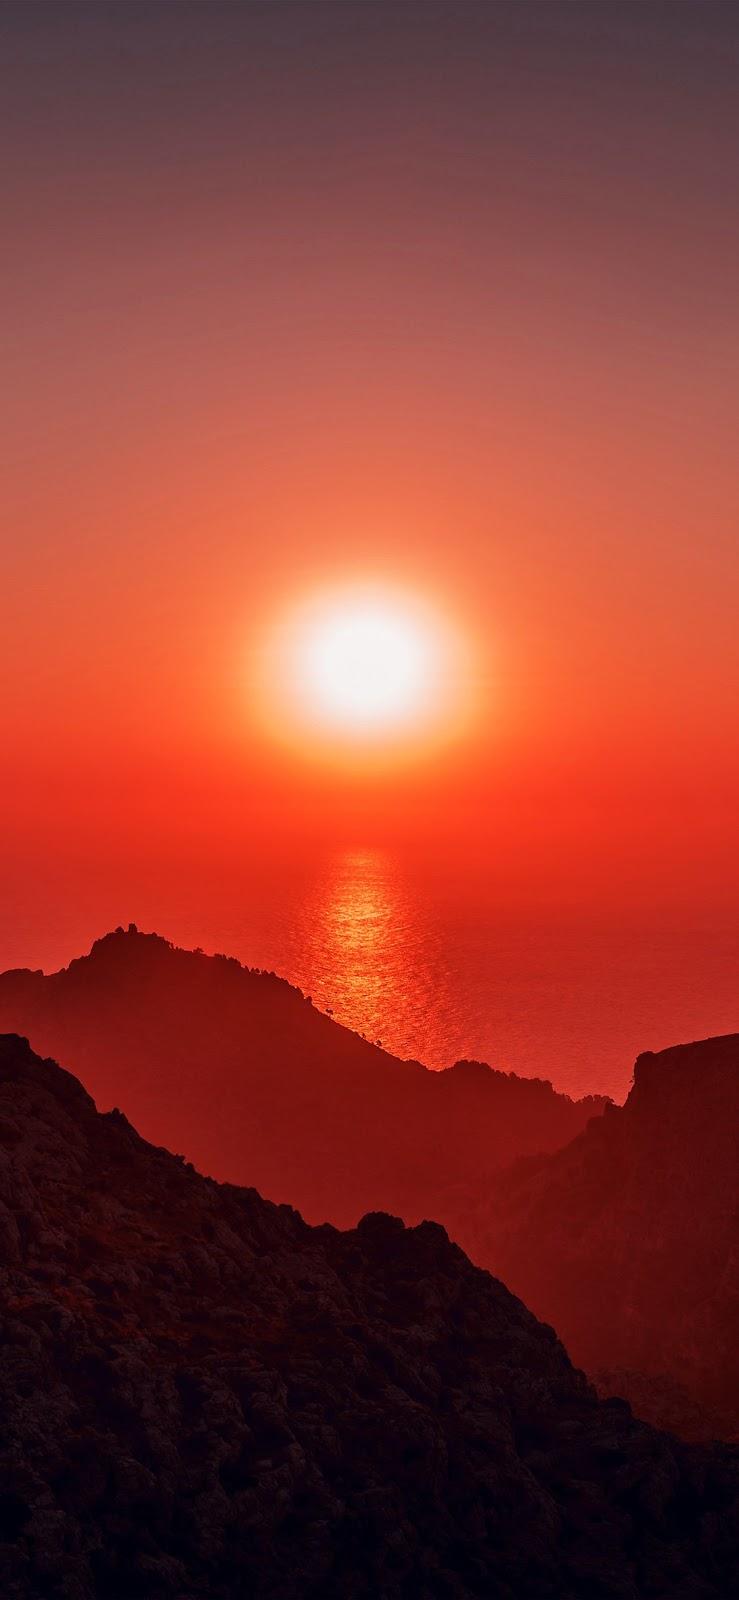 wallpaper iPhone, sfondi per iPhone, tramonto, sole, mare